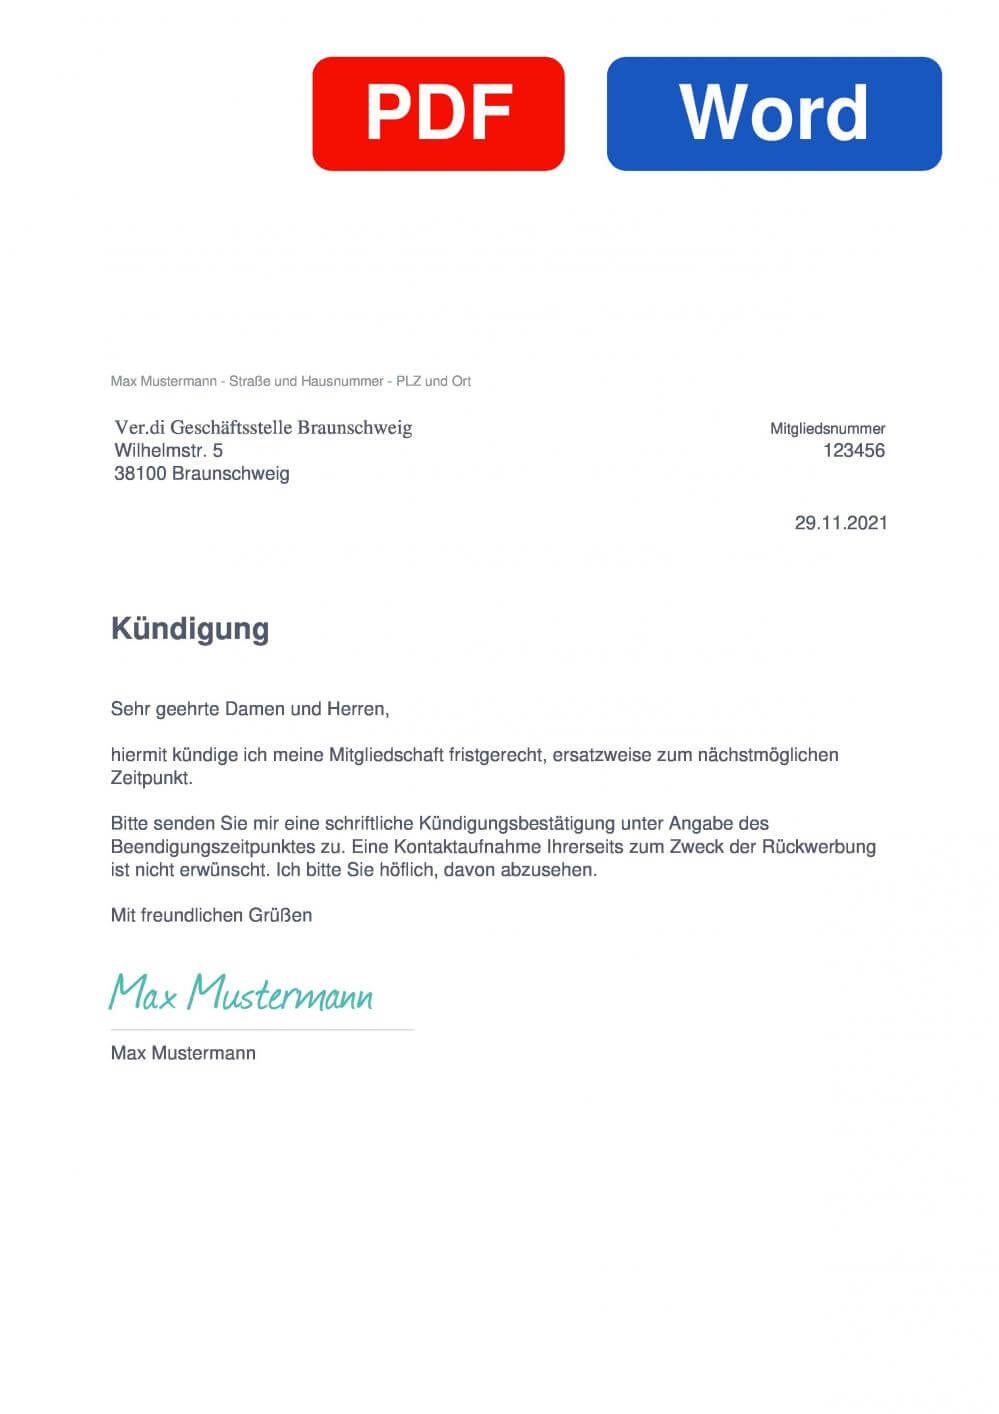 Verdi Braunschweig Muster Vorlage für Kündigungsschreiben